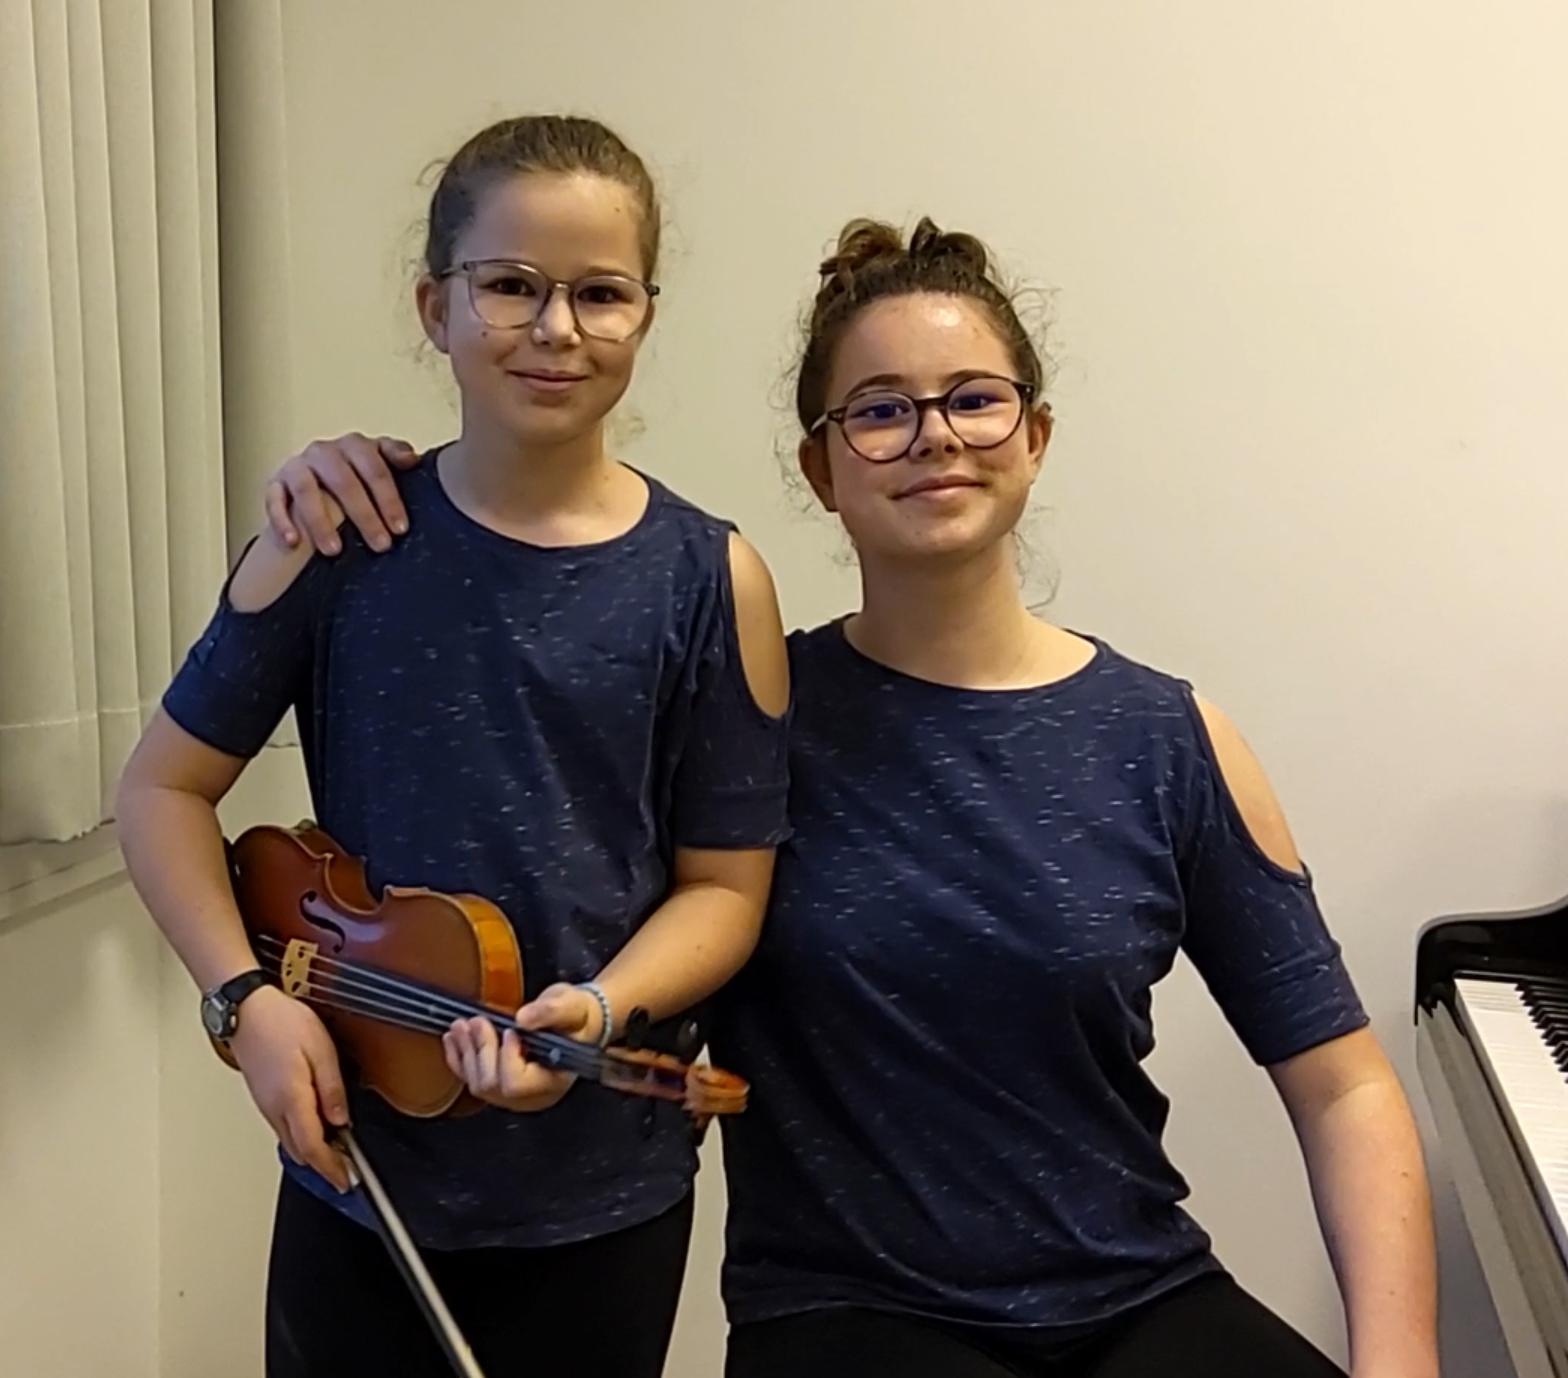 Jana und Jadea begrüßen den Frühling mit Geige und Klavier